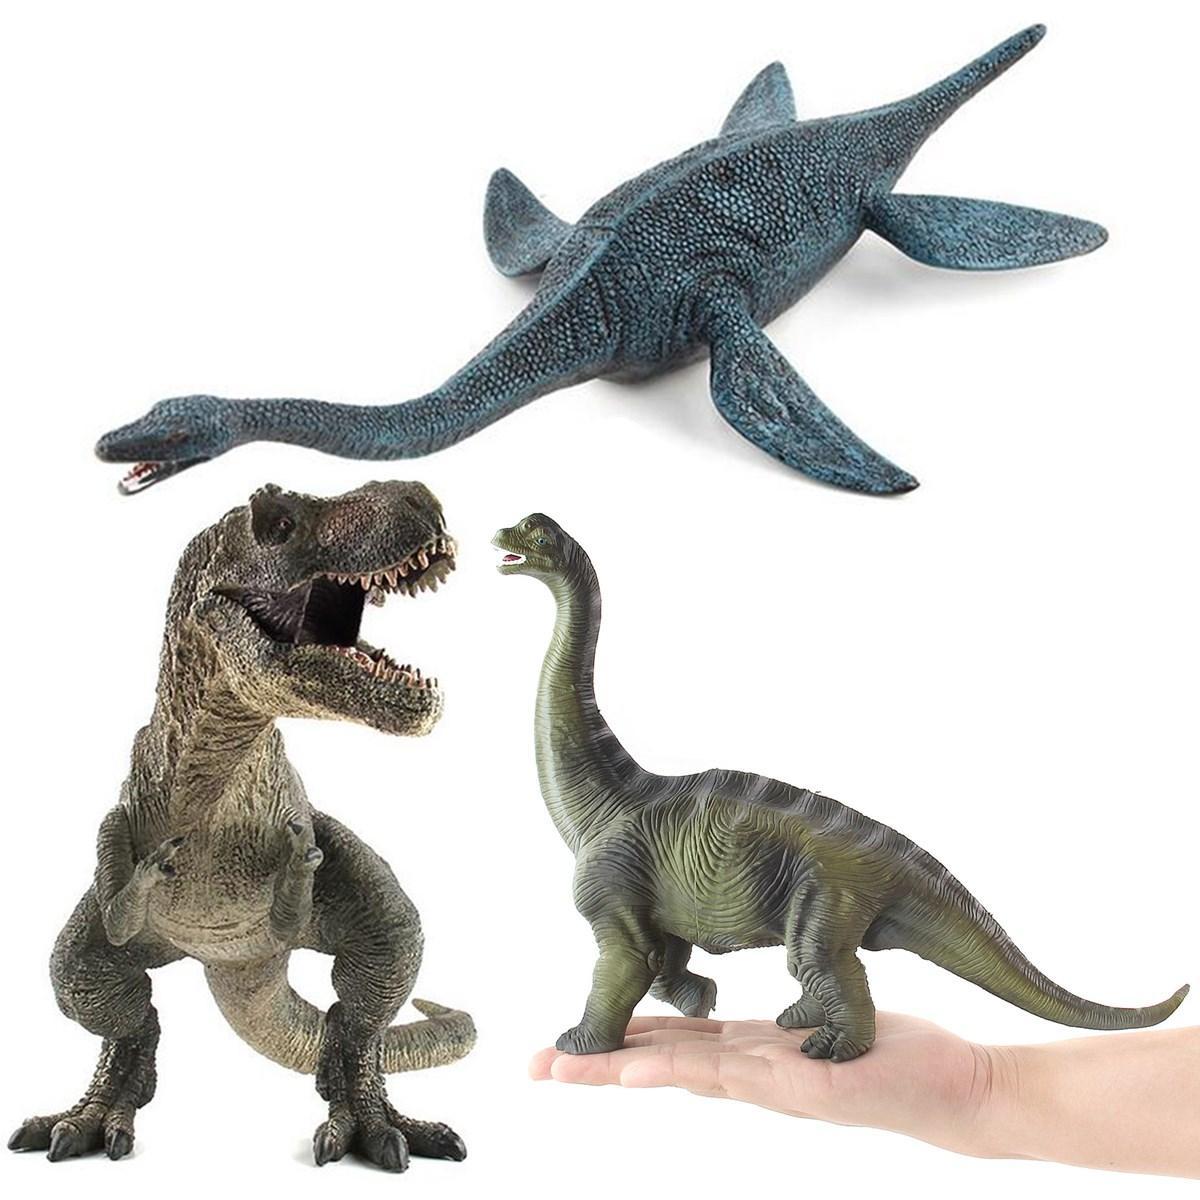 Grande Dinosauro giocattolo Brachiosaurus giocattolo in plastica plastico Realistico Realistico regalo per i bambini - 12